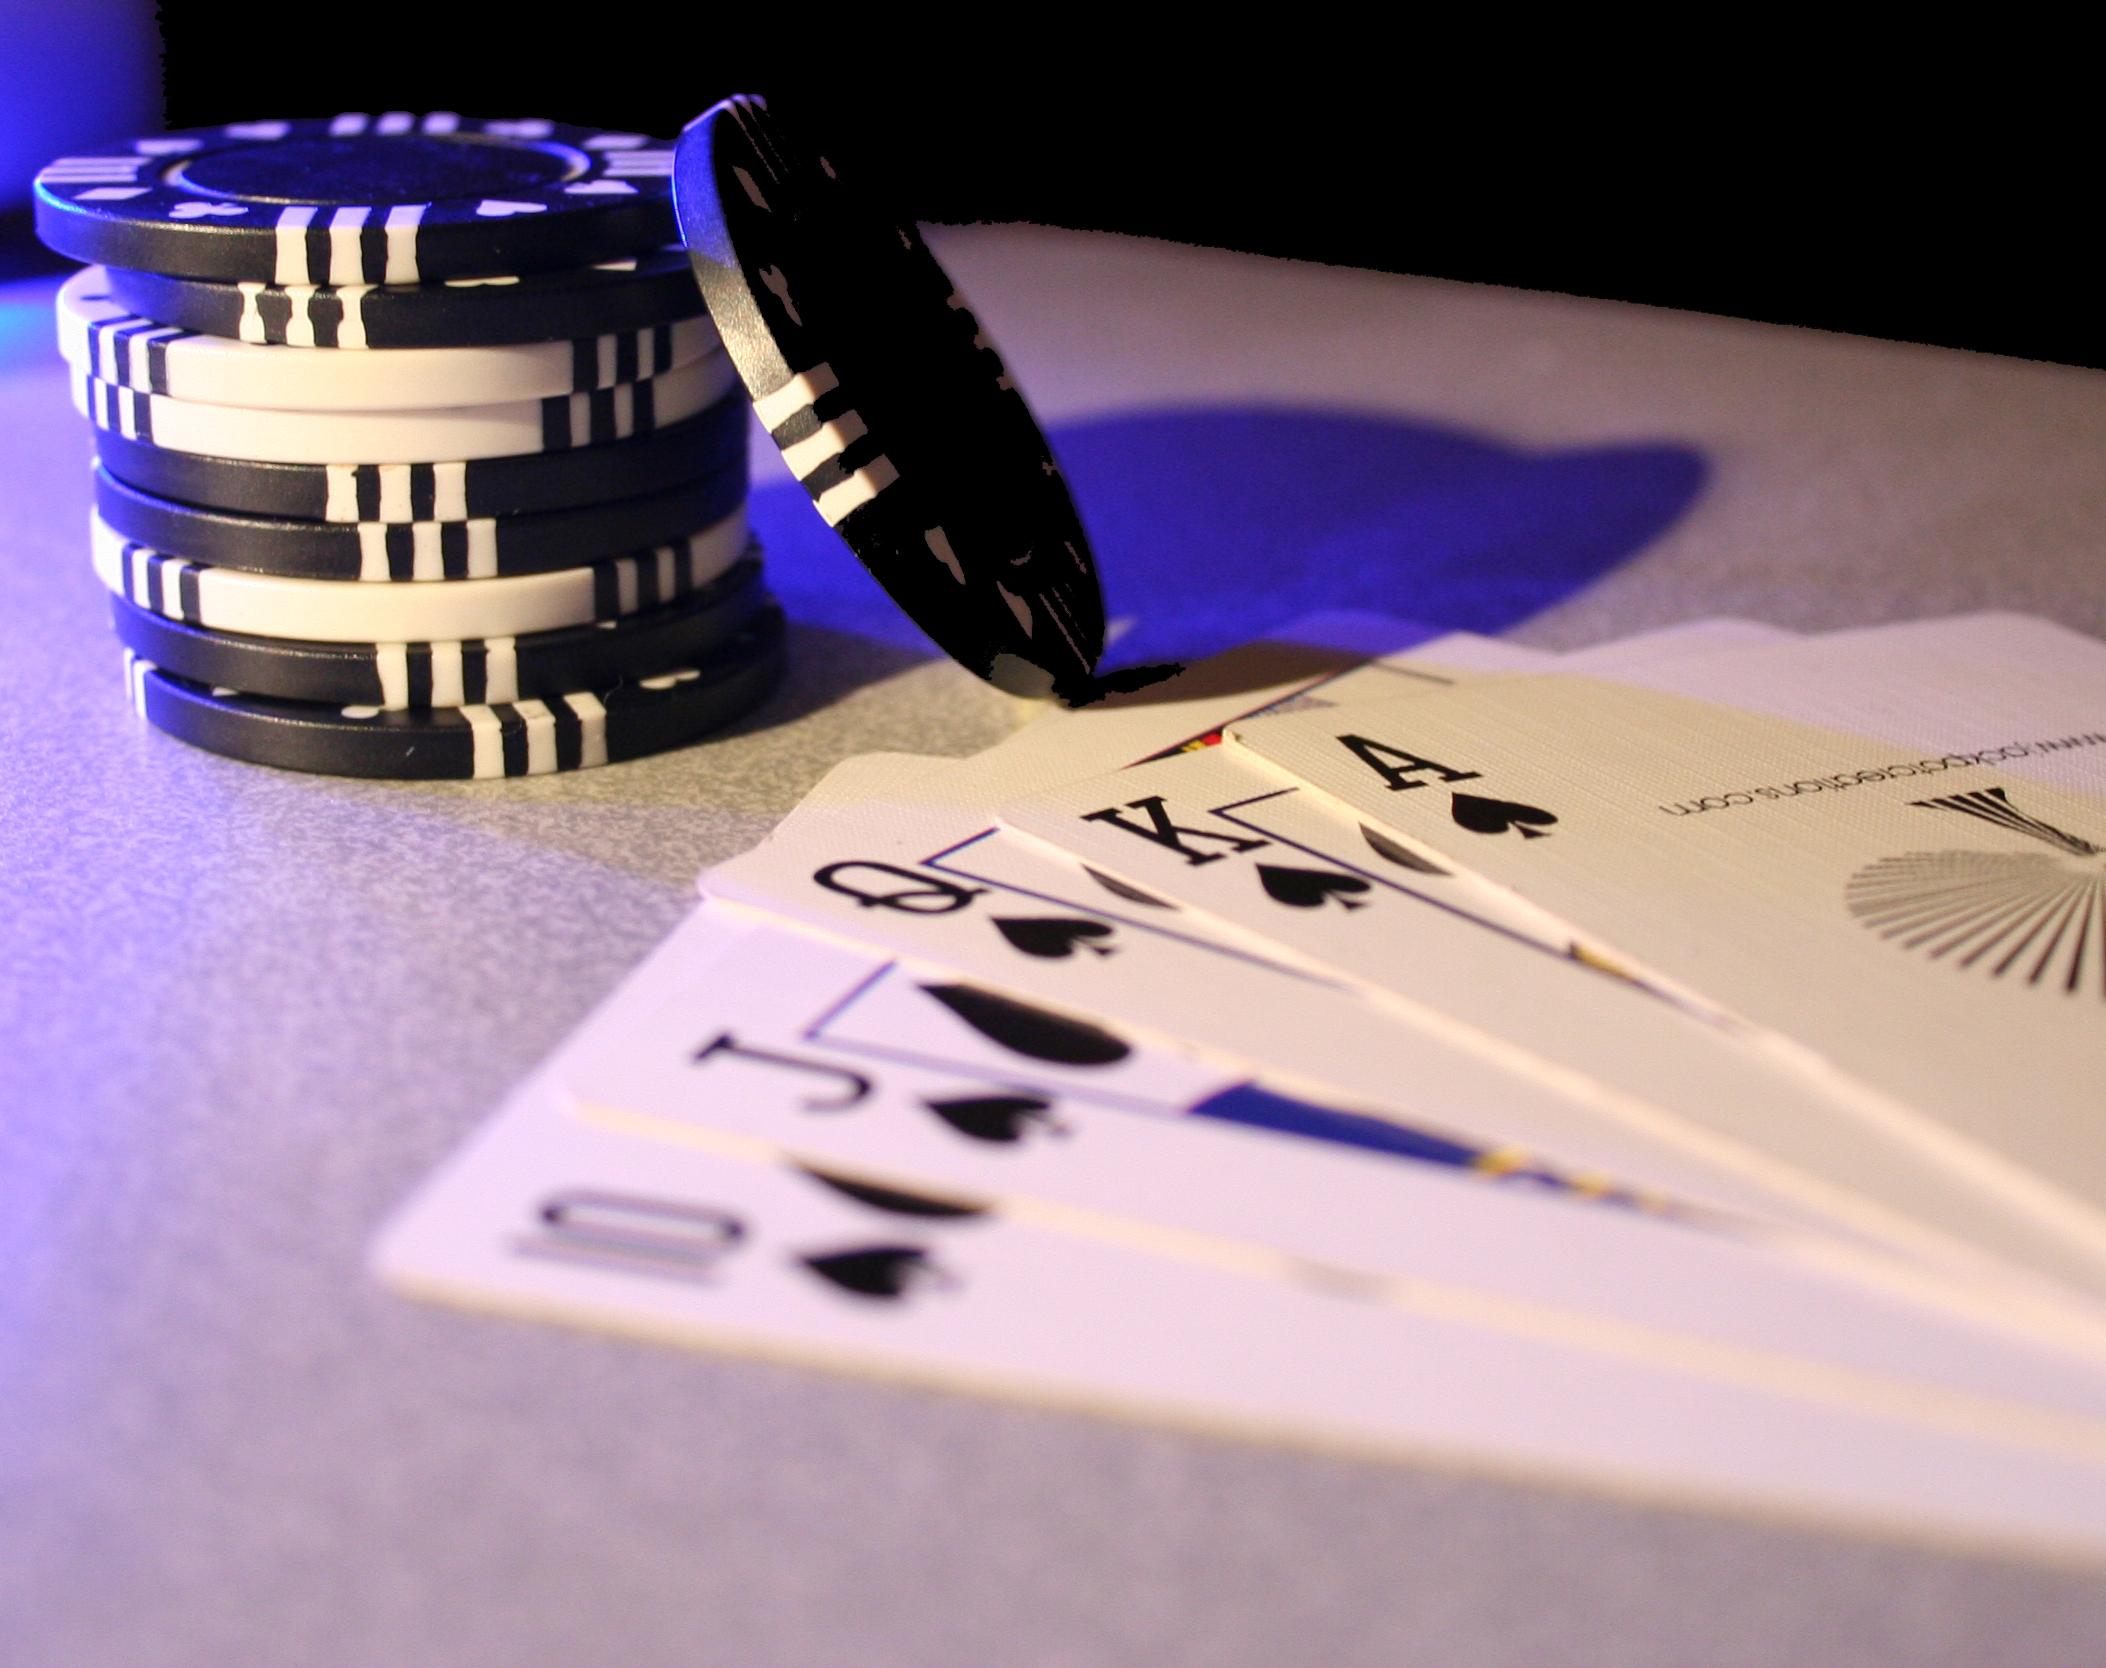 Bluffs und Semi-Bluffs in Poker